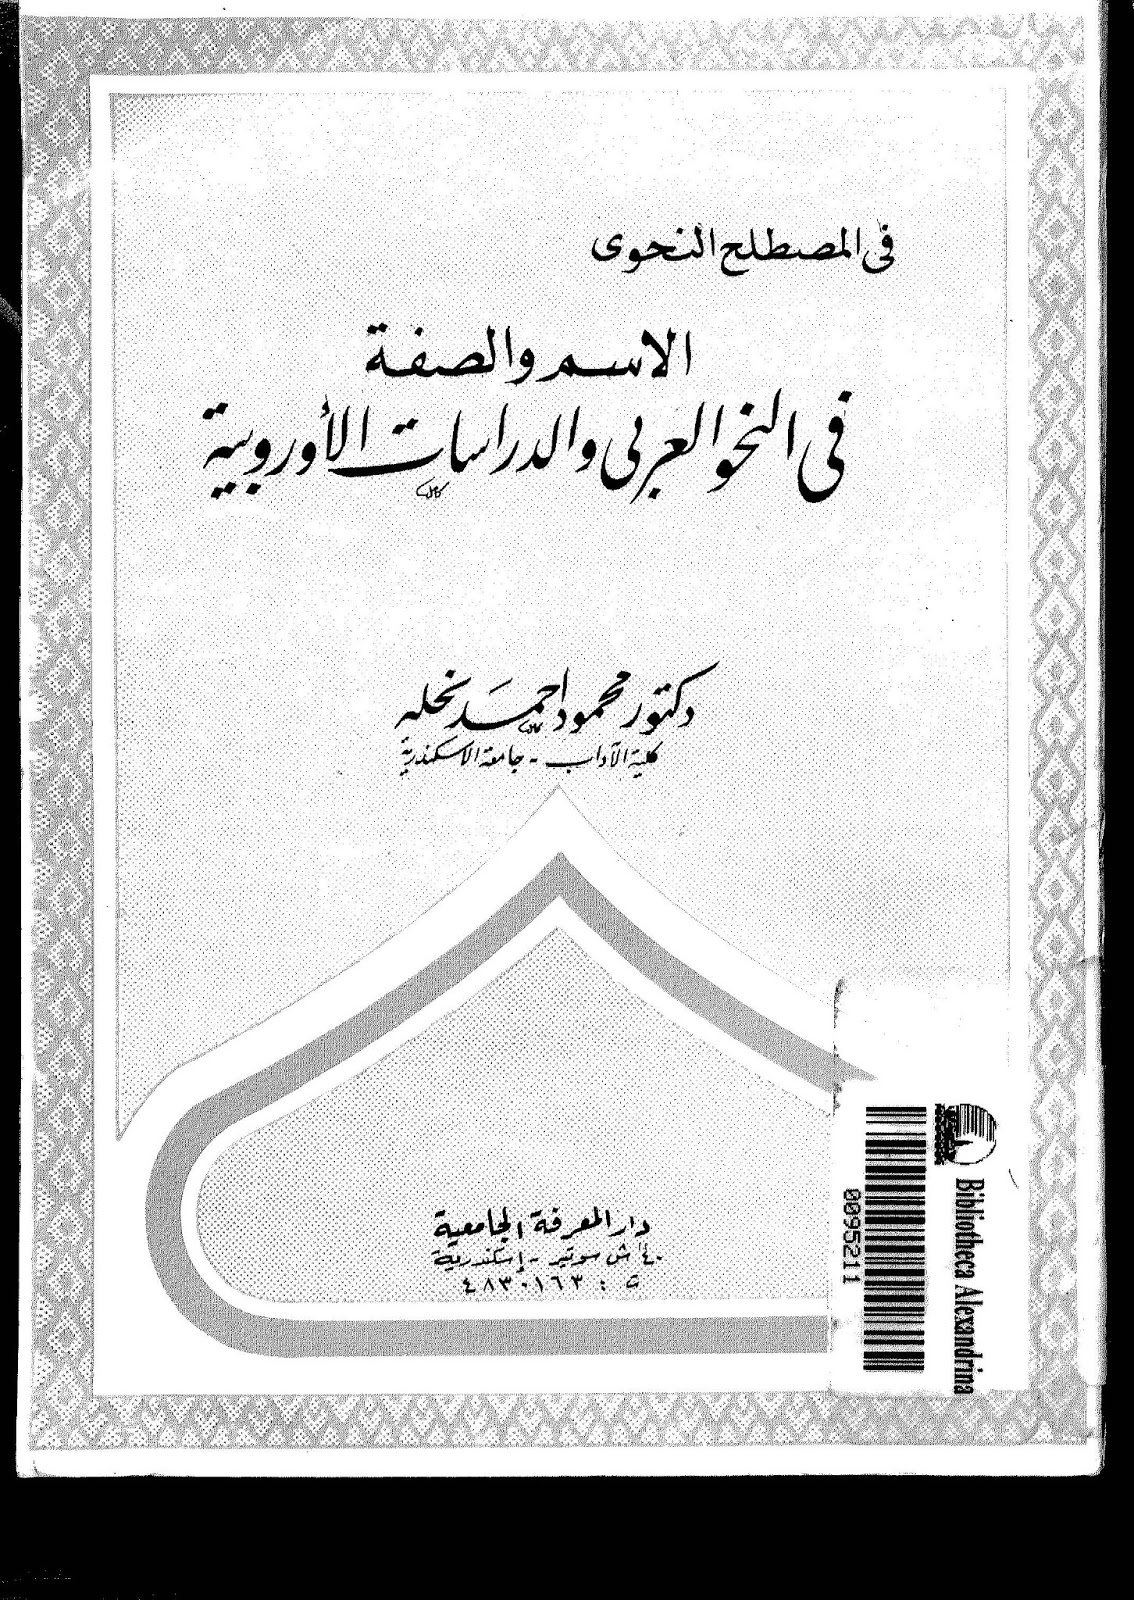 تحميل كتاب الأصول في النحو لابن السراج pdf